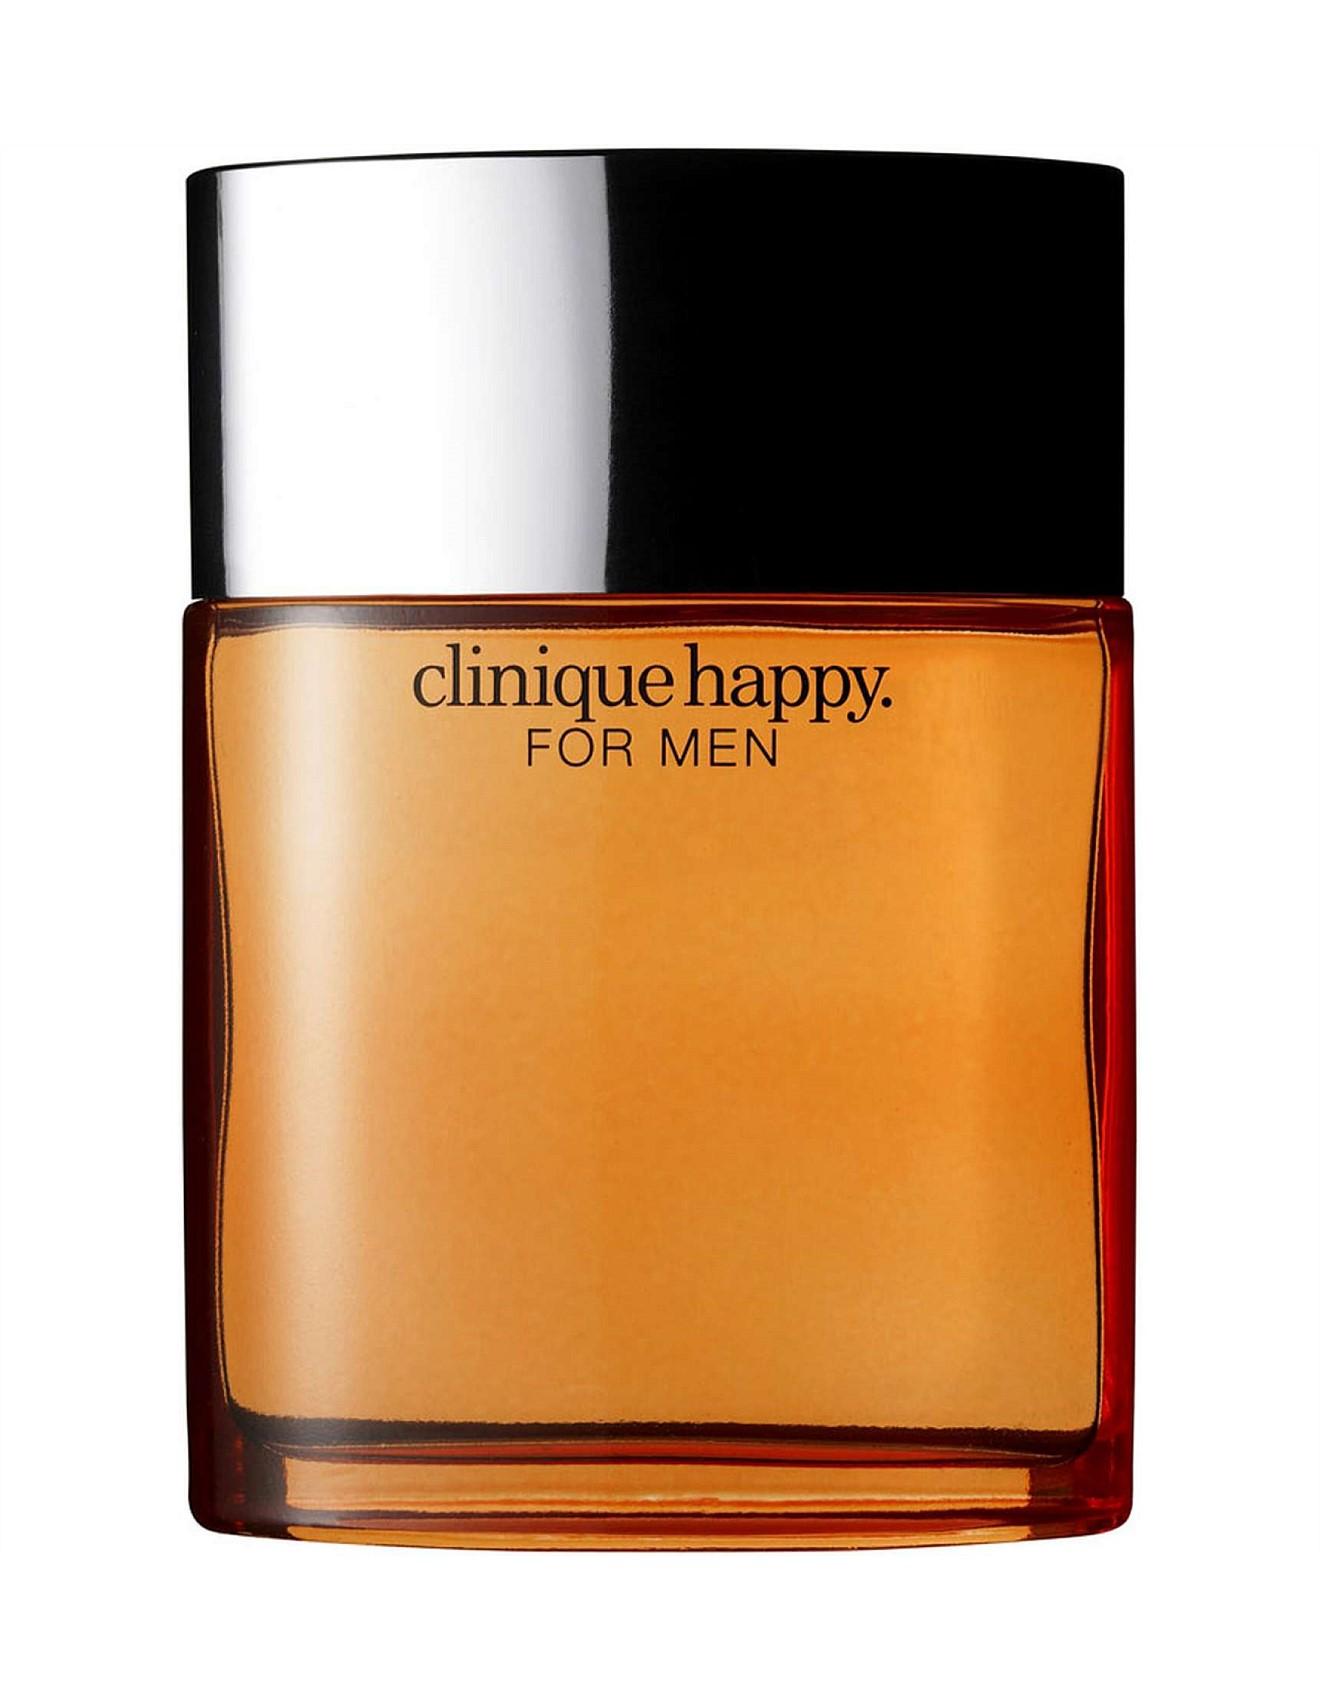 Clinique Happy for Men Eau de Toilette | Ulta Beauty